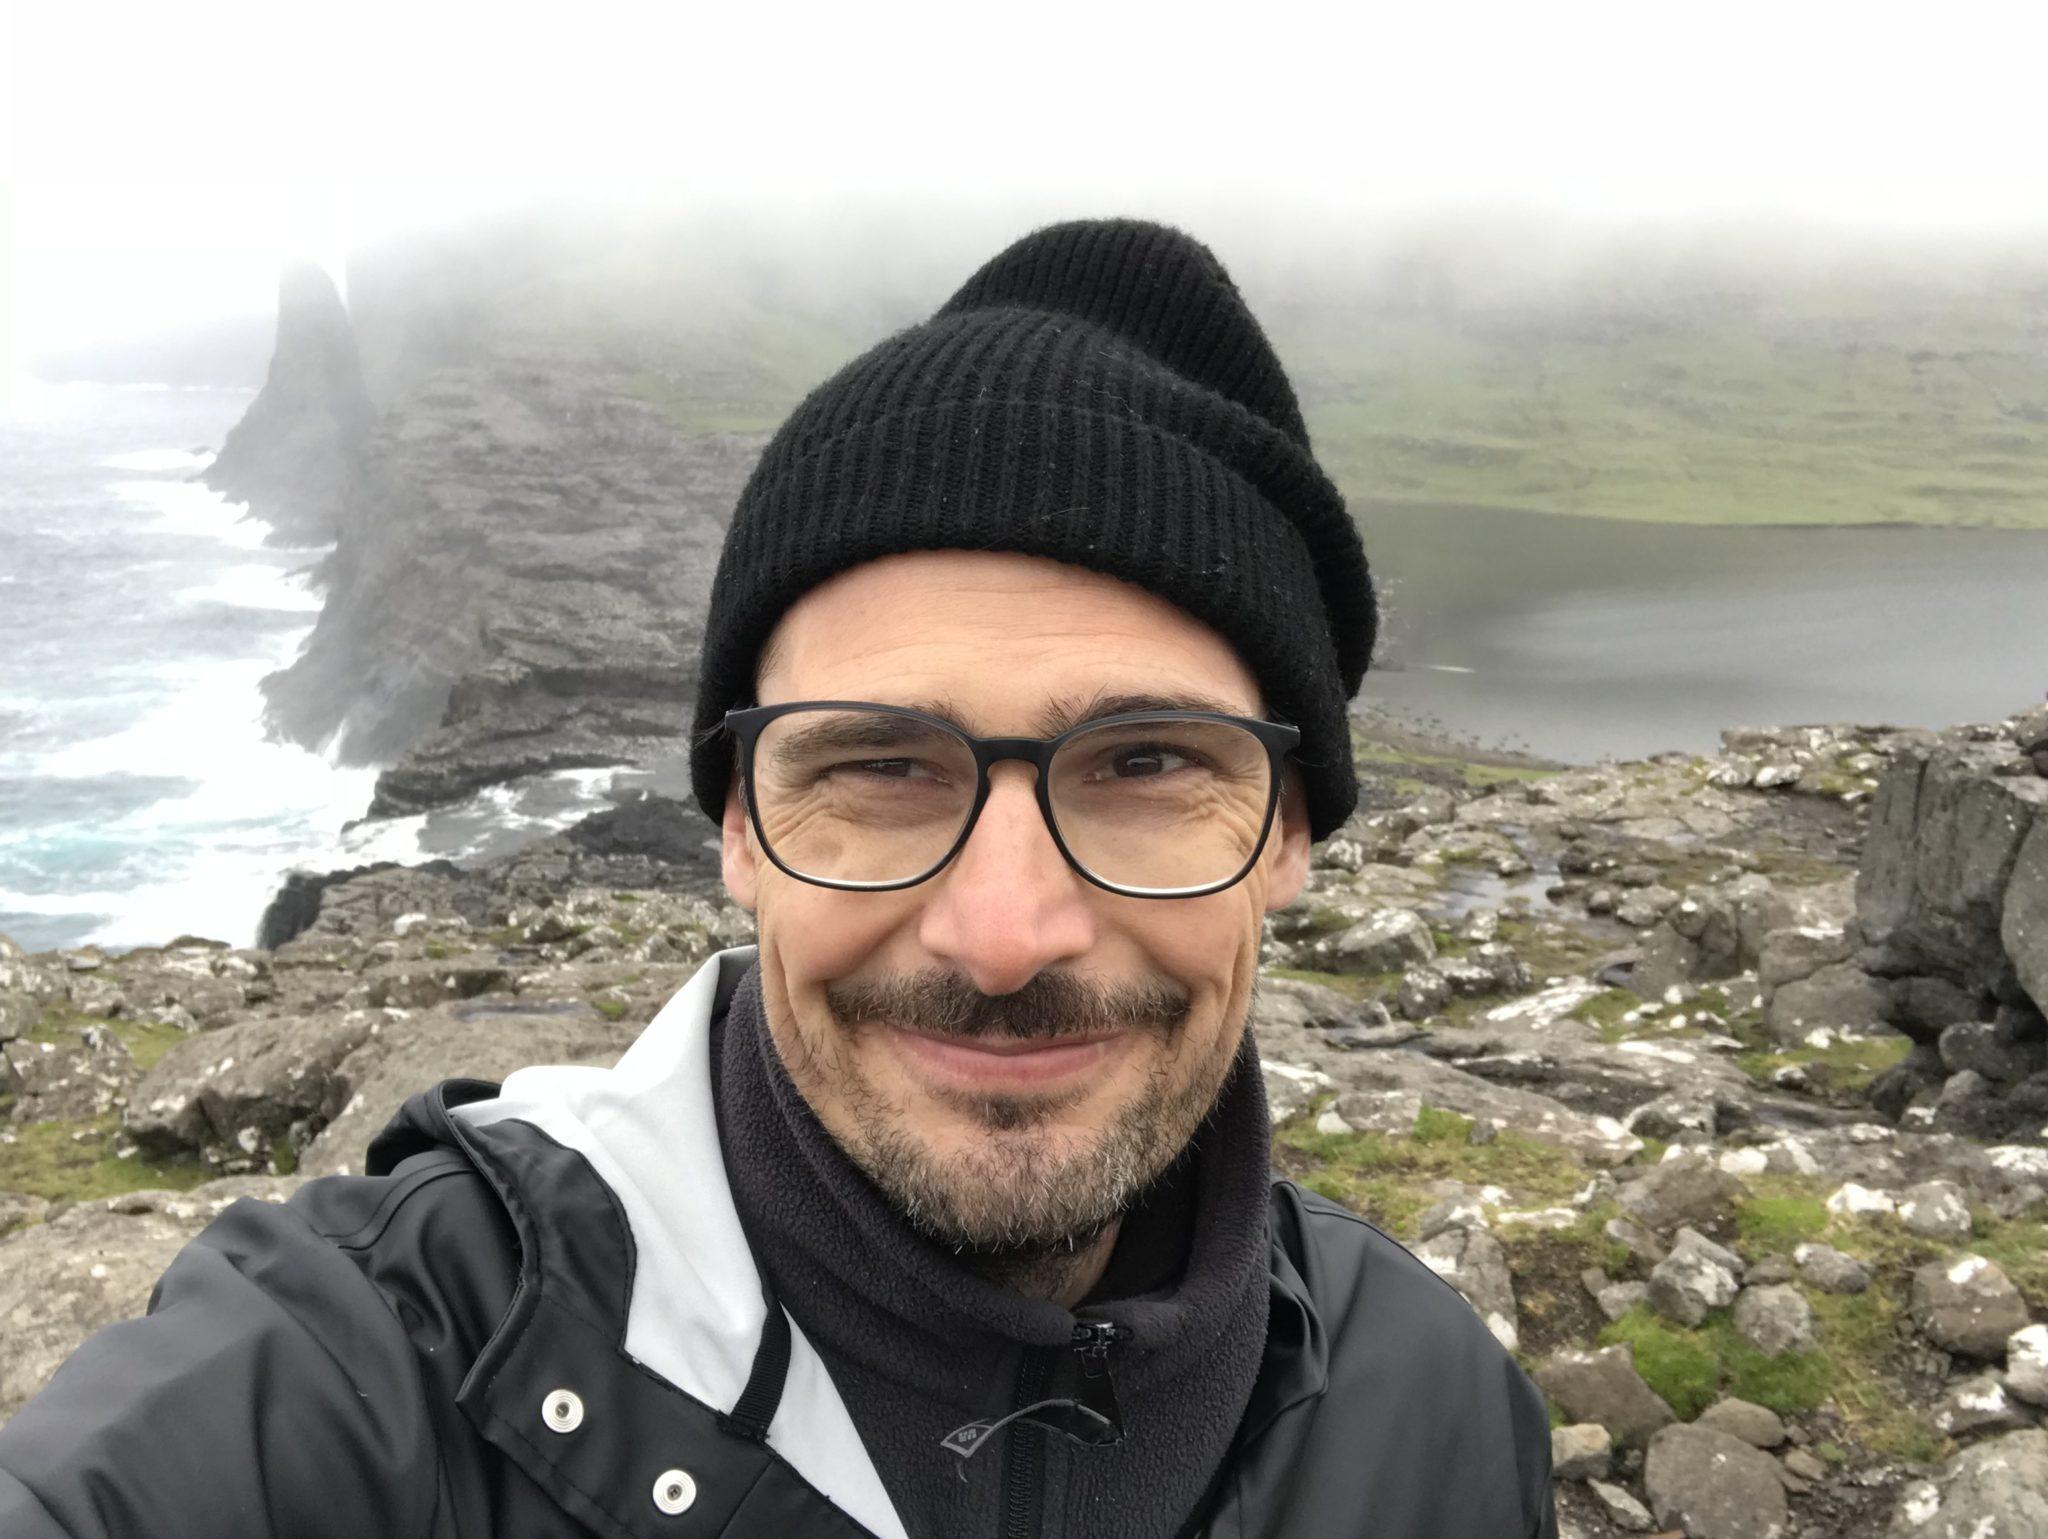 Jochen Schliemann, Färöer Inseln, Reisen Reisen - der Podcast